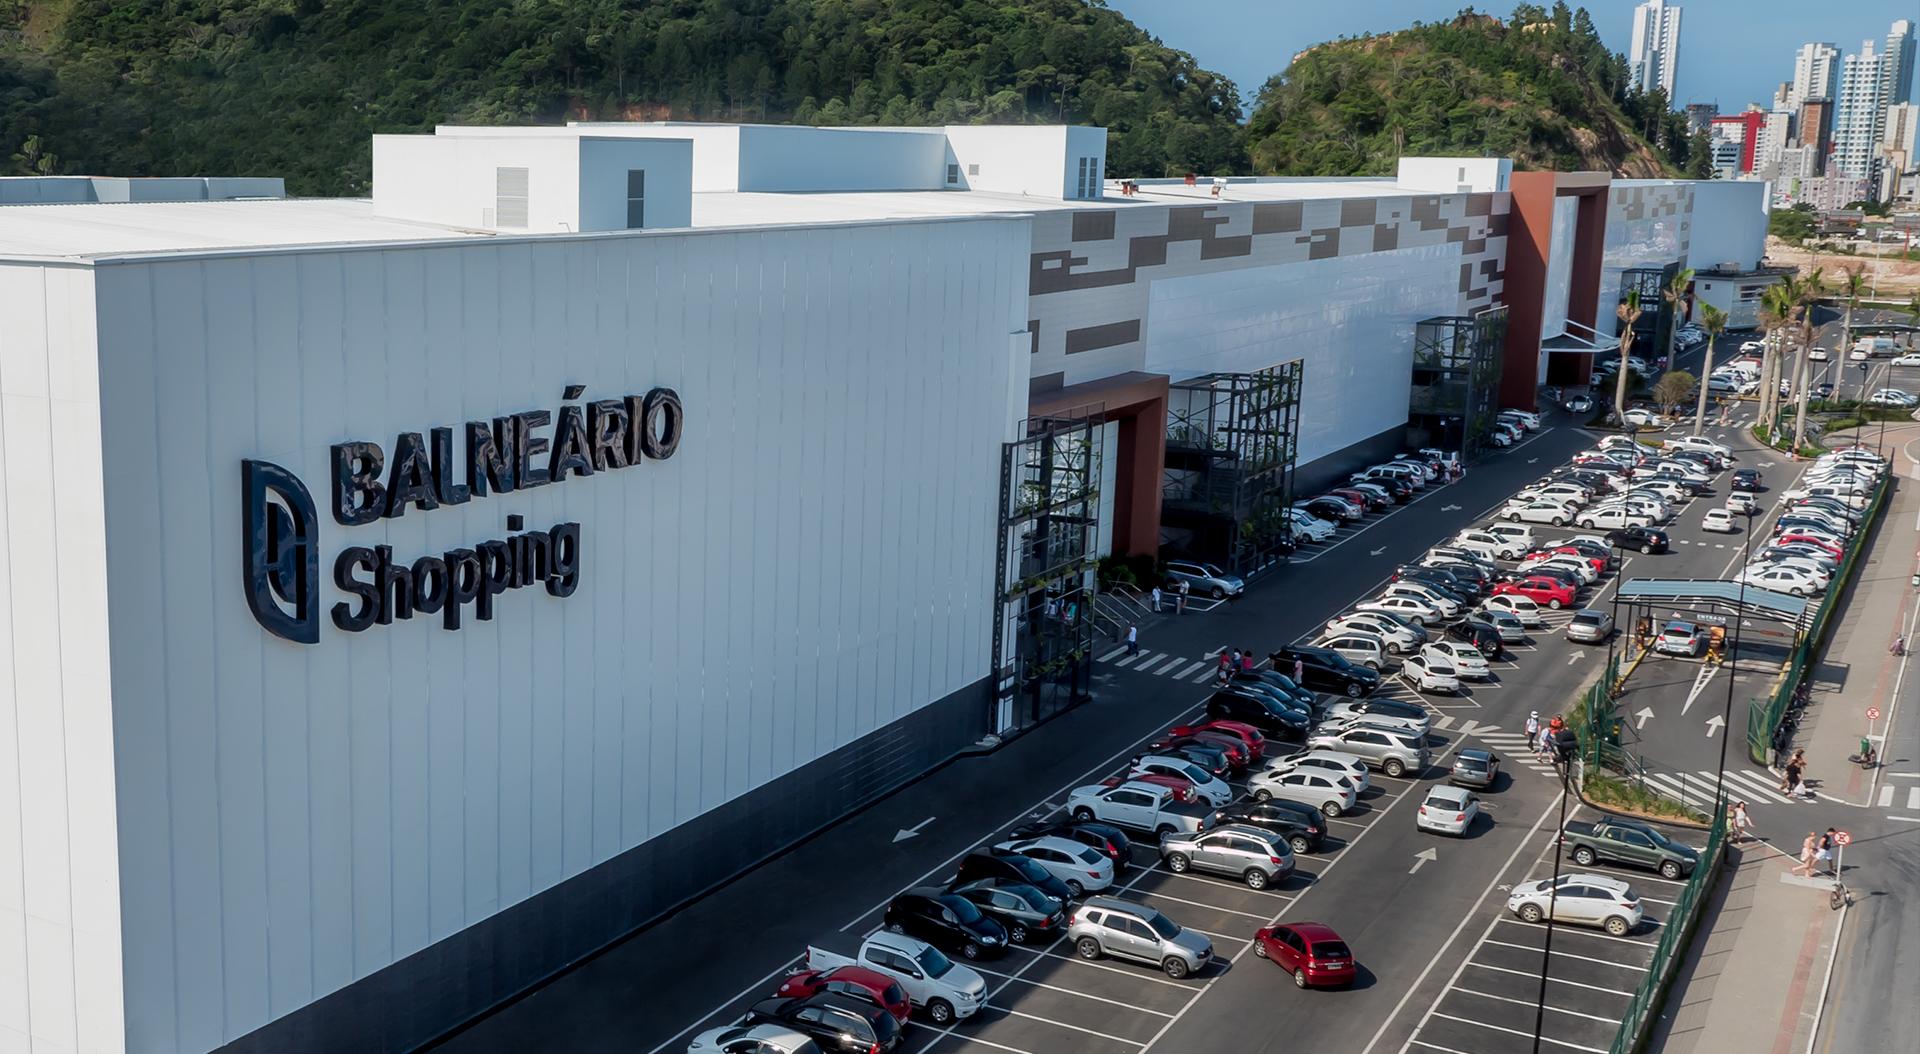 ea4b9bafebb Treze marcas de peso chegam ao Balneário Shopping neste segundo semestre